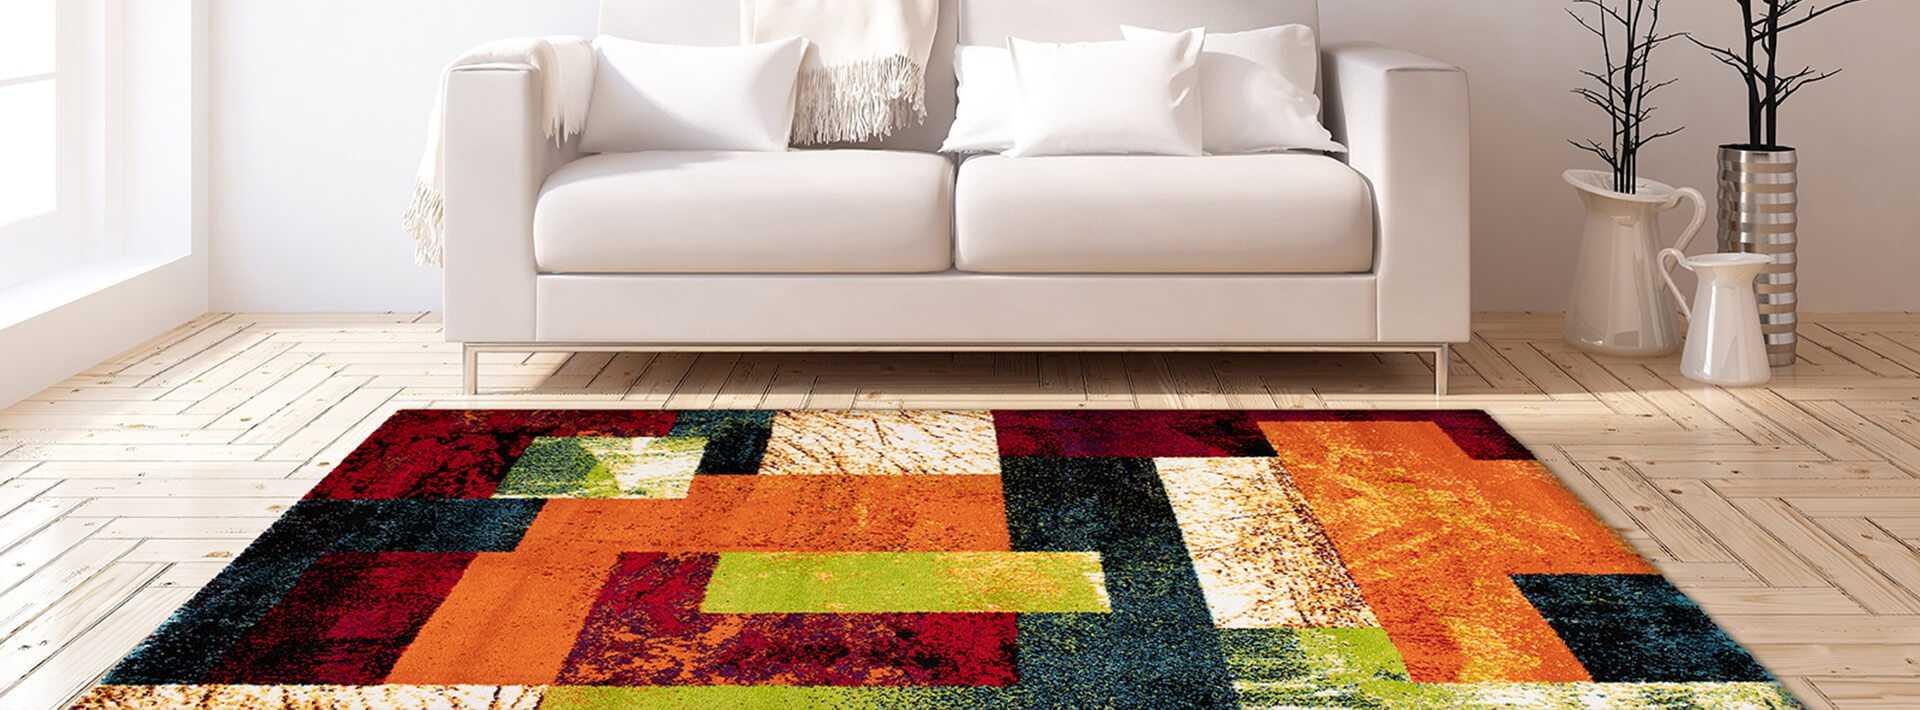 5 stilova tepiha koji su top rješenje za osvježenje interijera